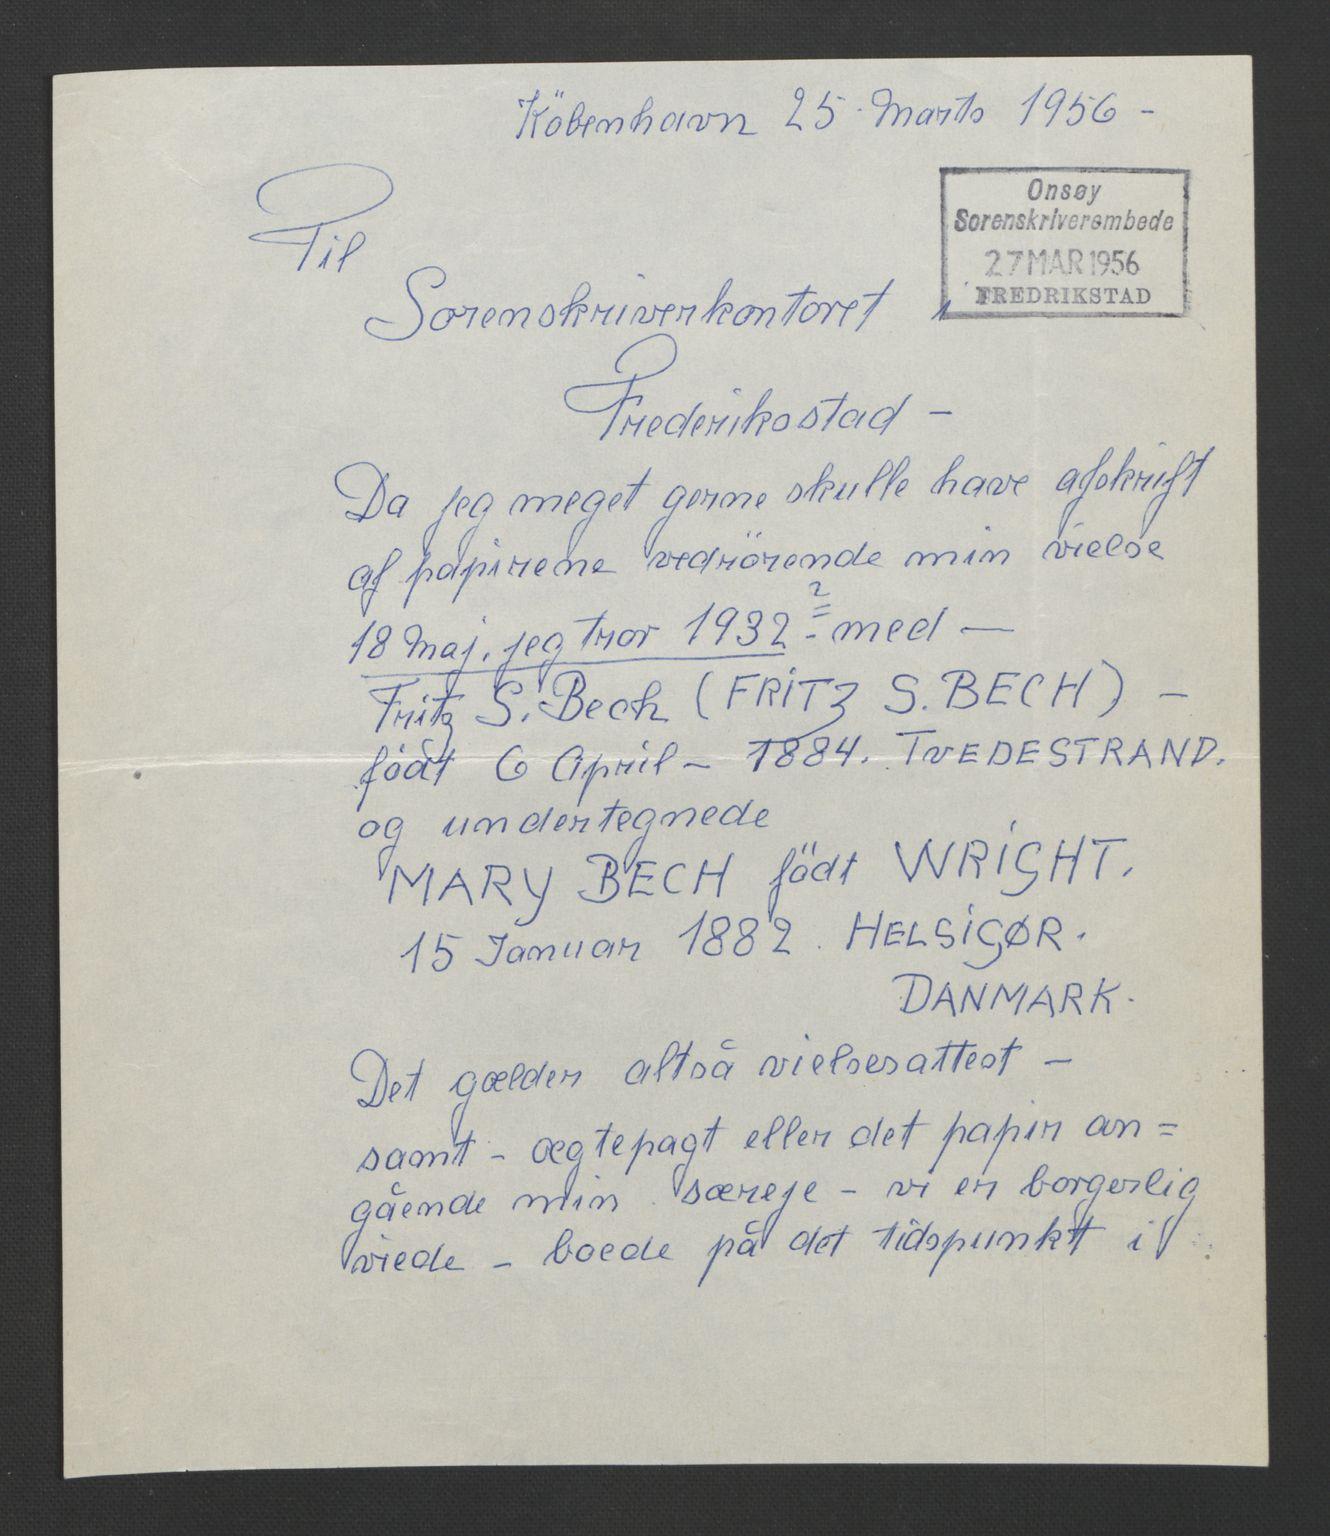 SAO, Fredrikstad byfogd, L/Lc/L0001: Vigselsbok, 1920-1937, s. upaginert